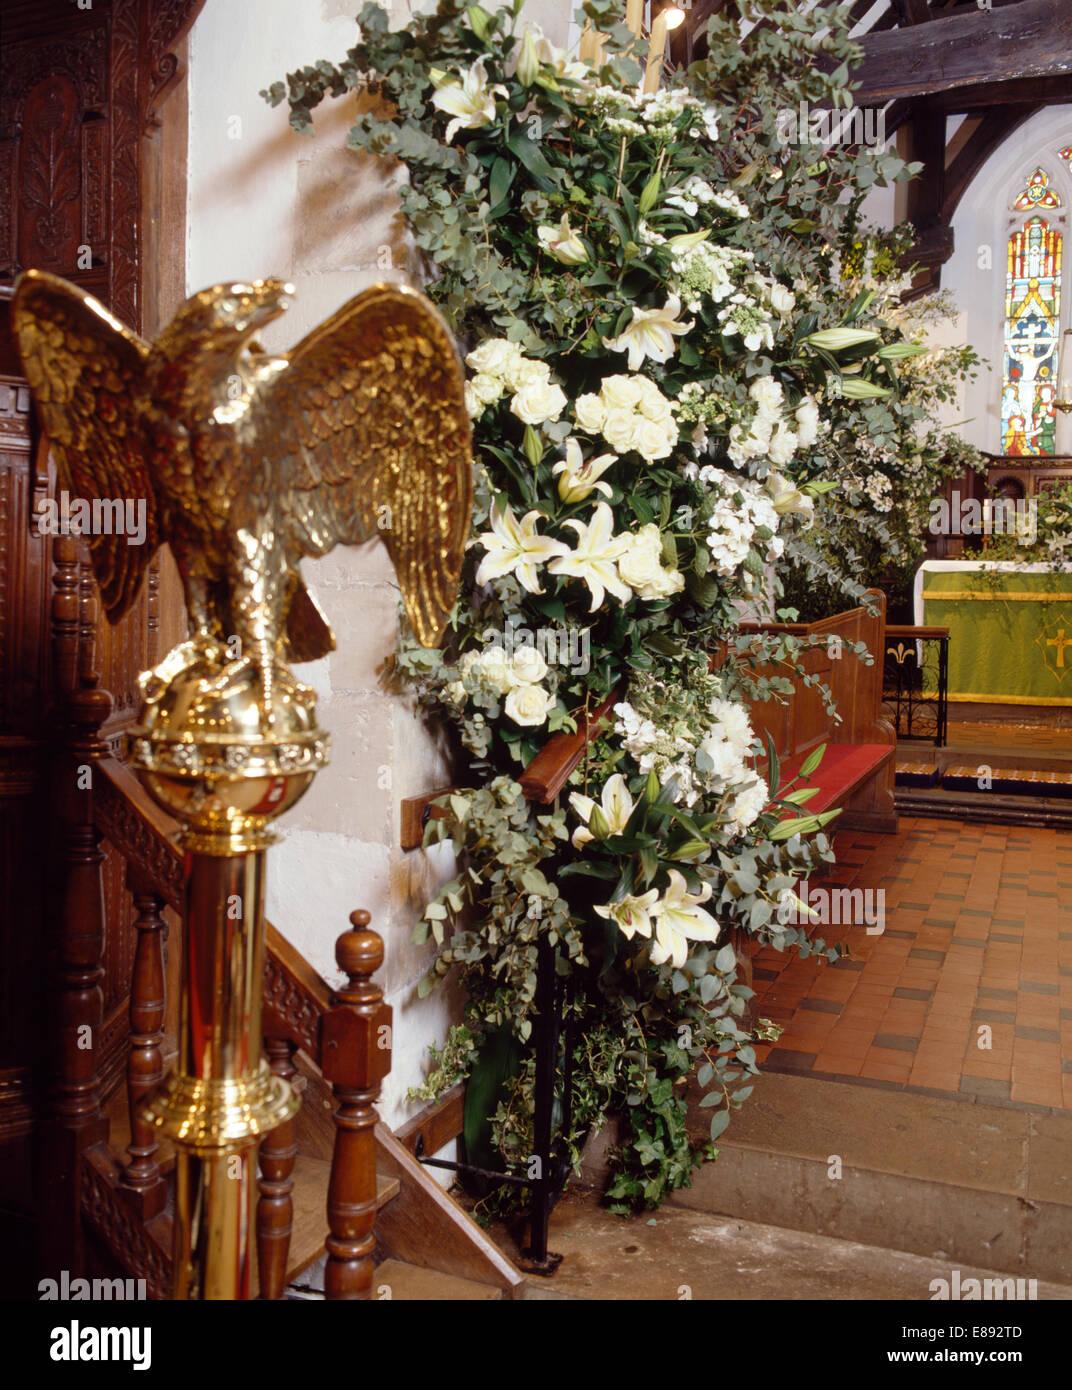 águila De Oro Estatua Y Lirios Blancos En Suntuosos Arreglos